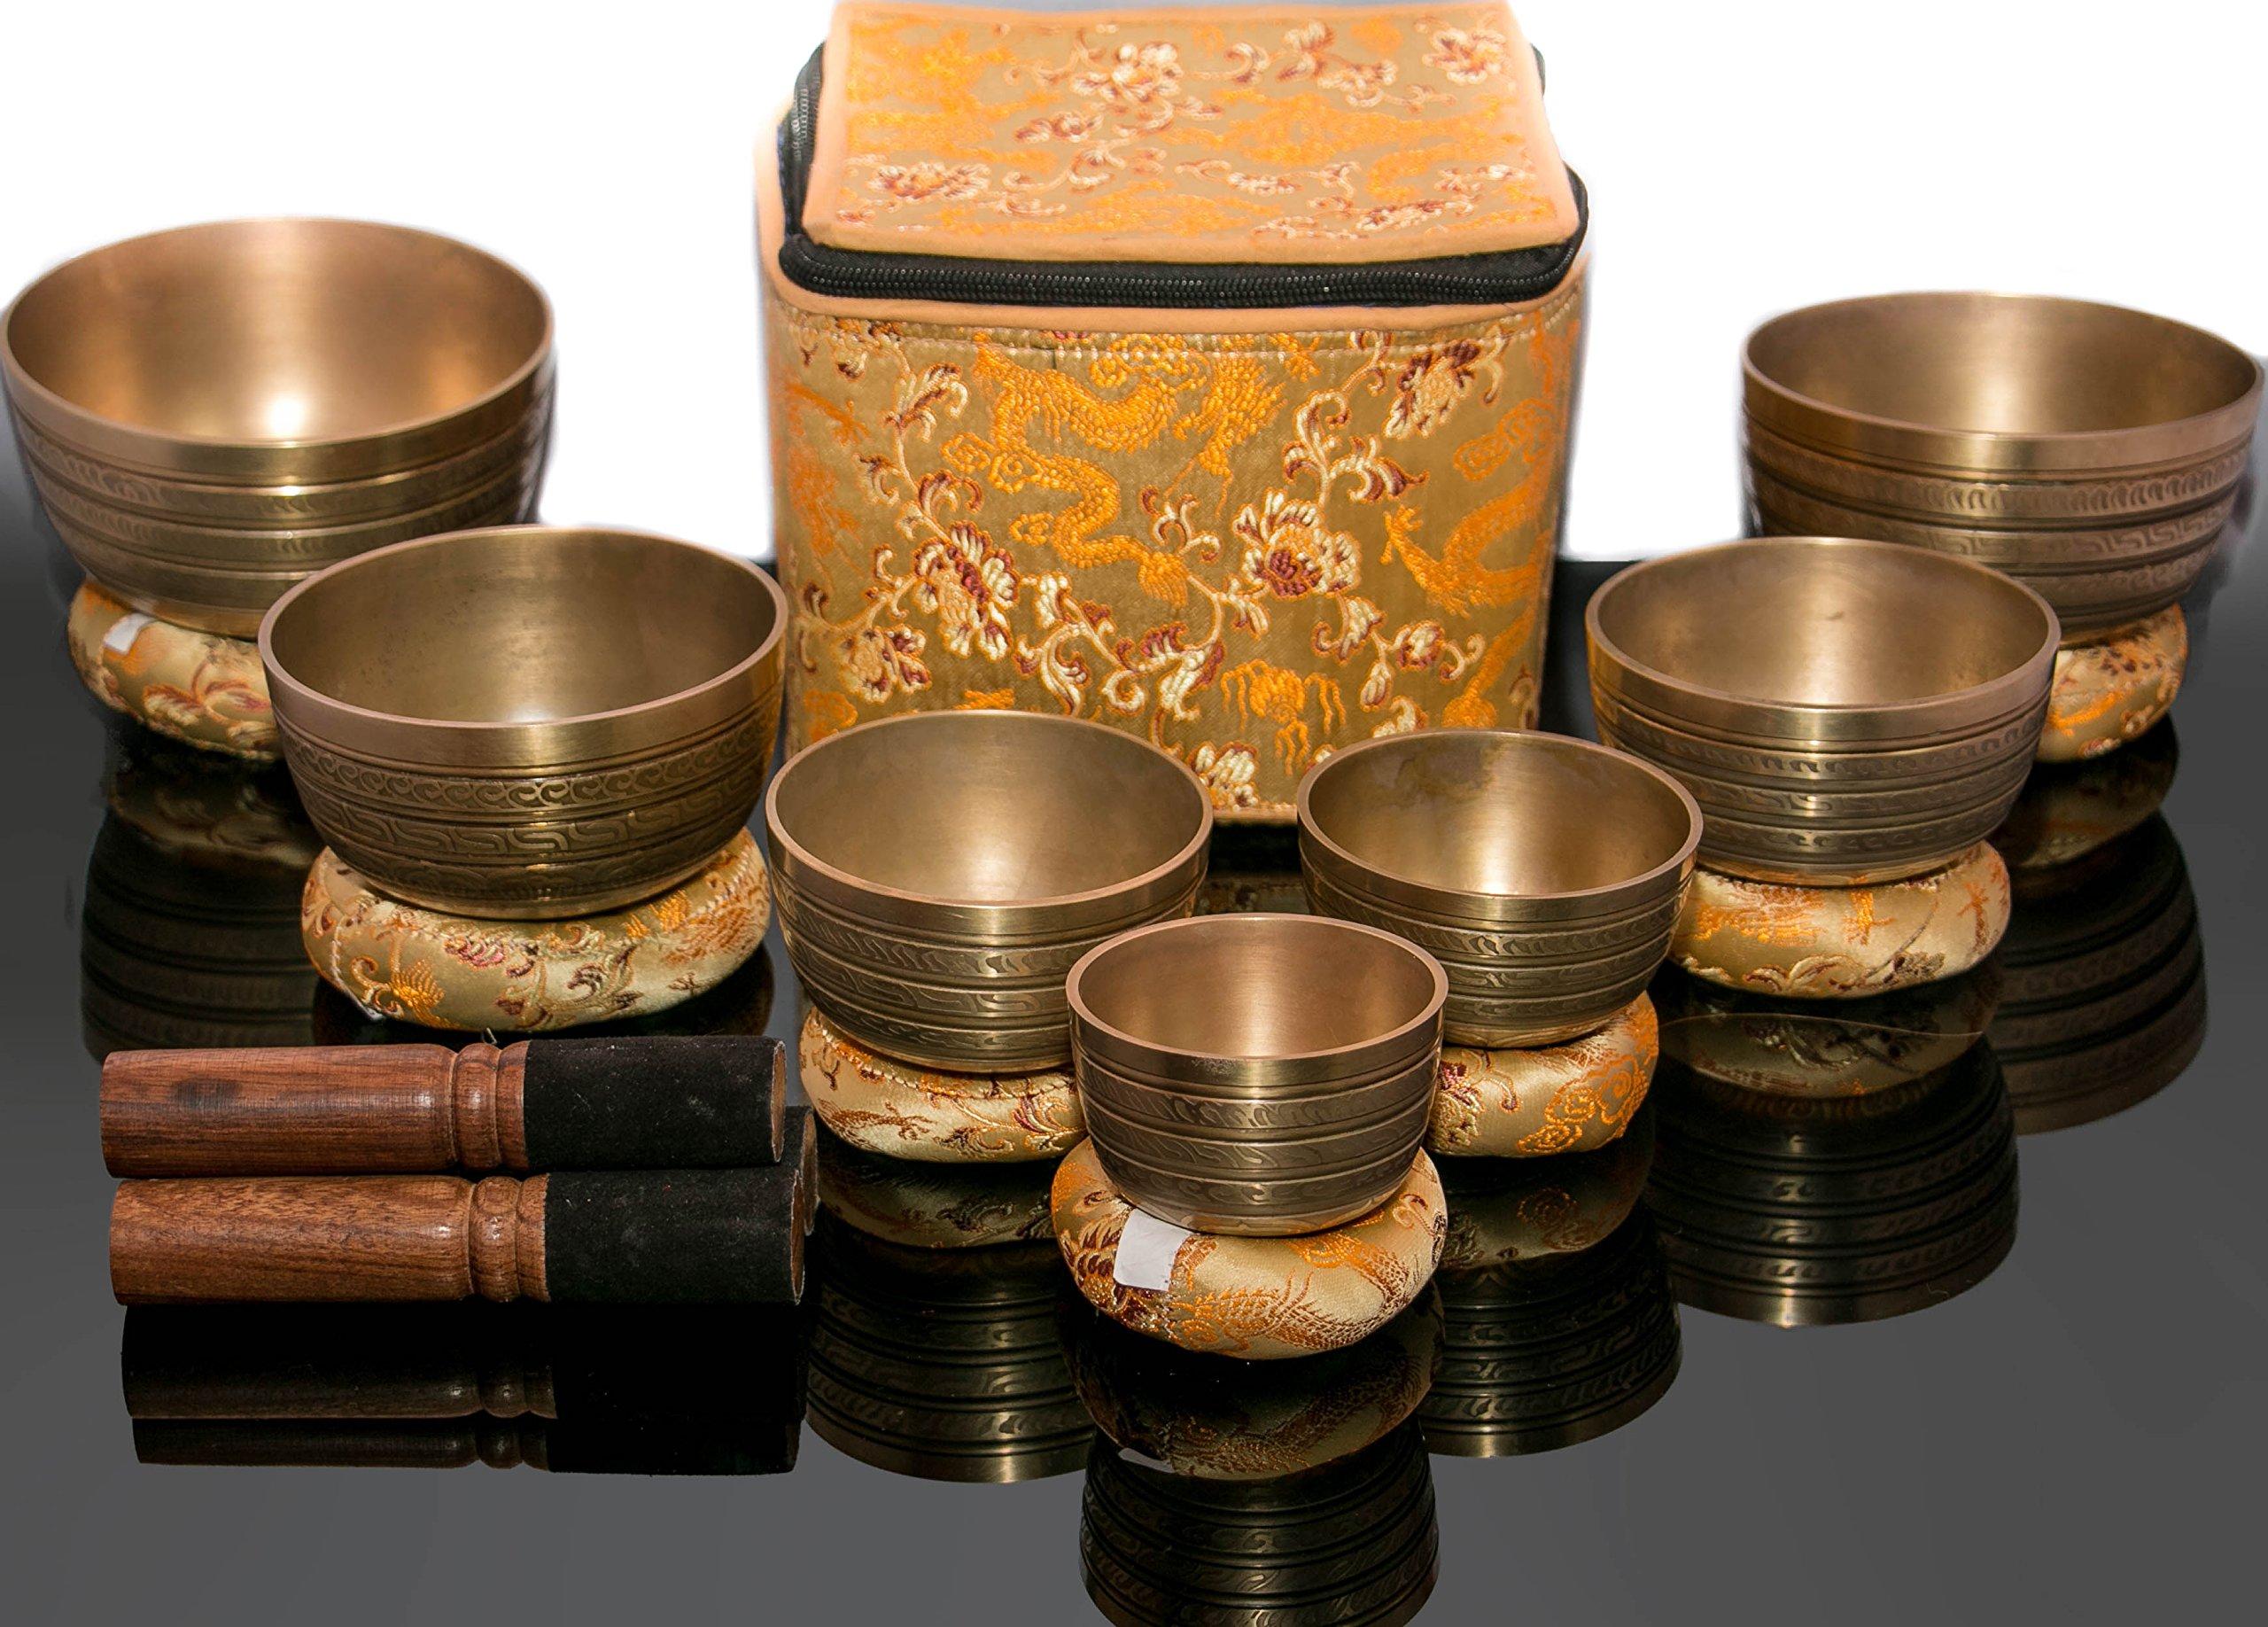 Chakra Healing Tibetan Hammered Himalayan Singing Bowl Set of 7 Meditation Bowls Hand Bowls from Nepal